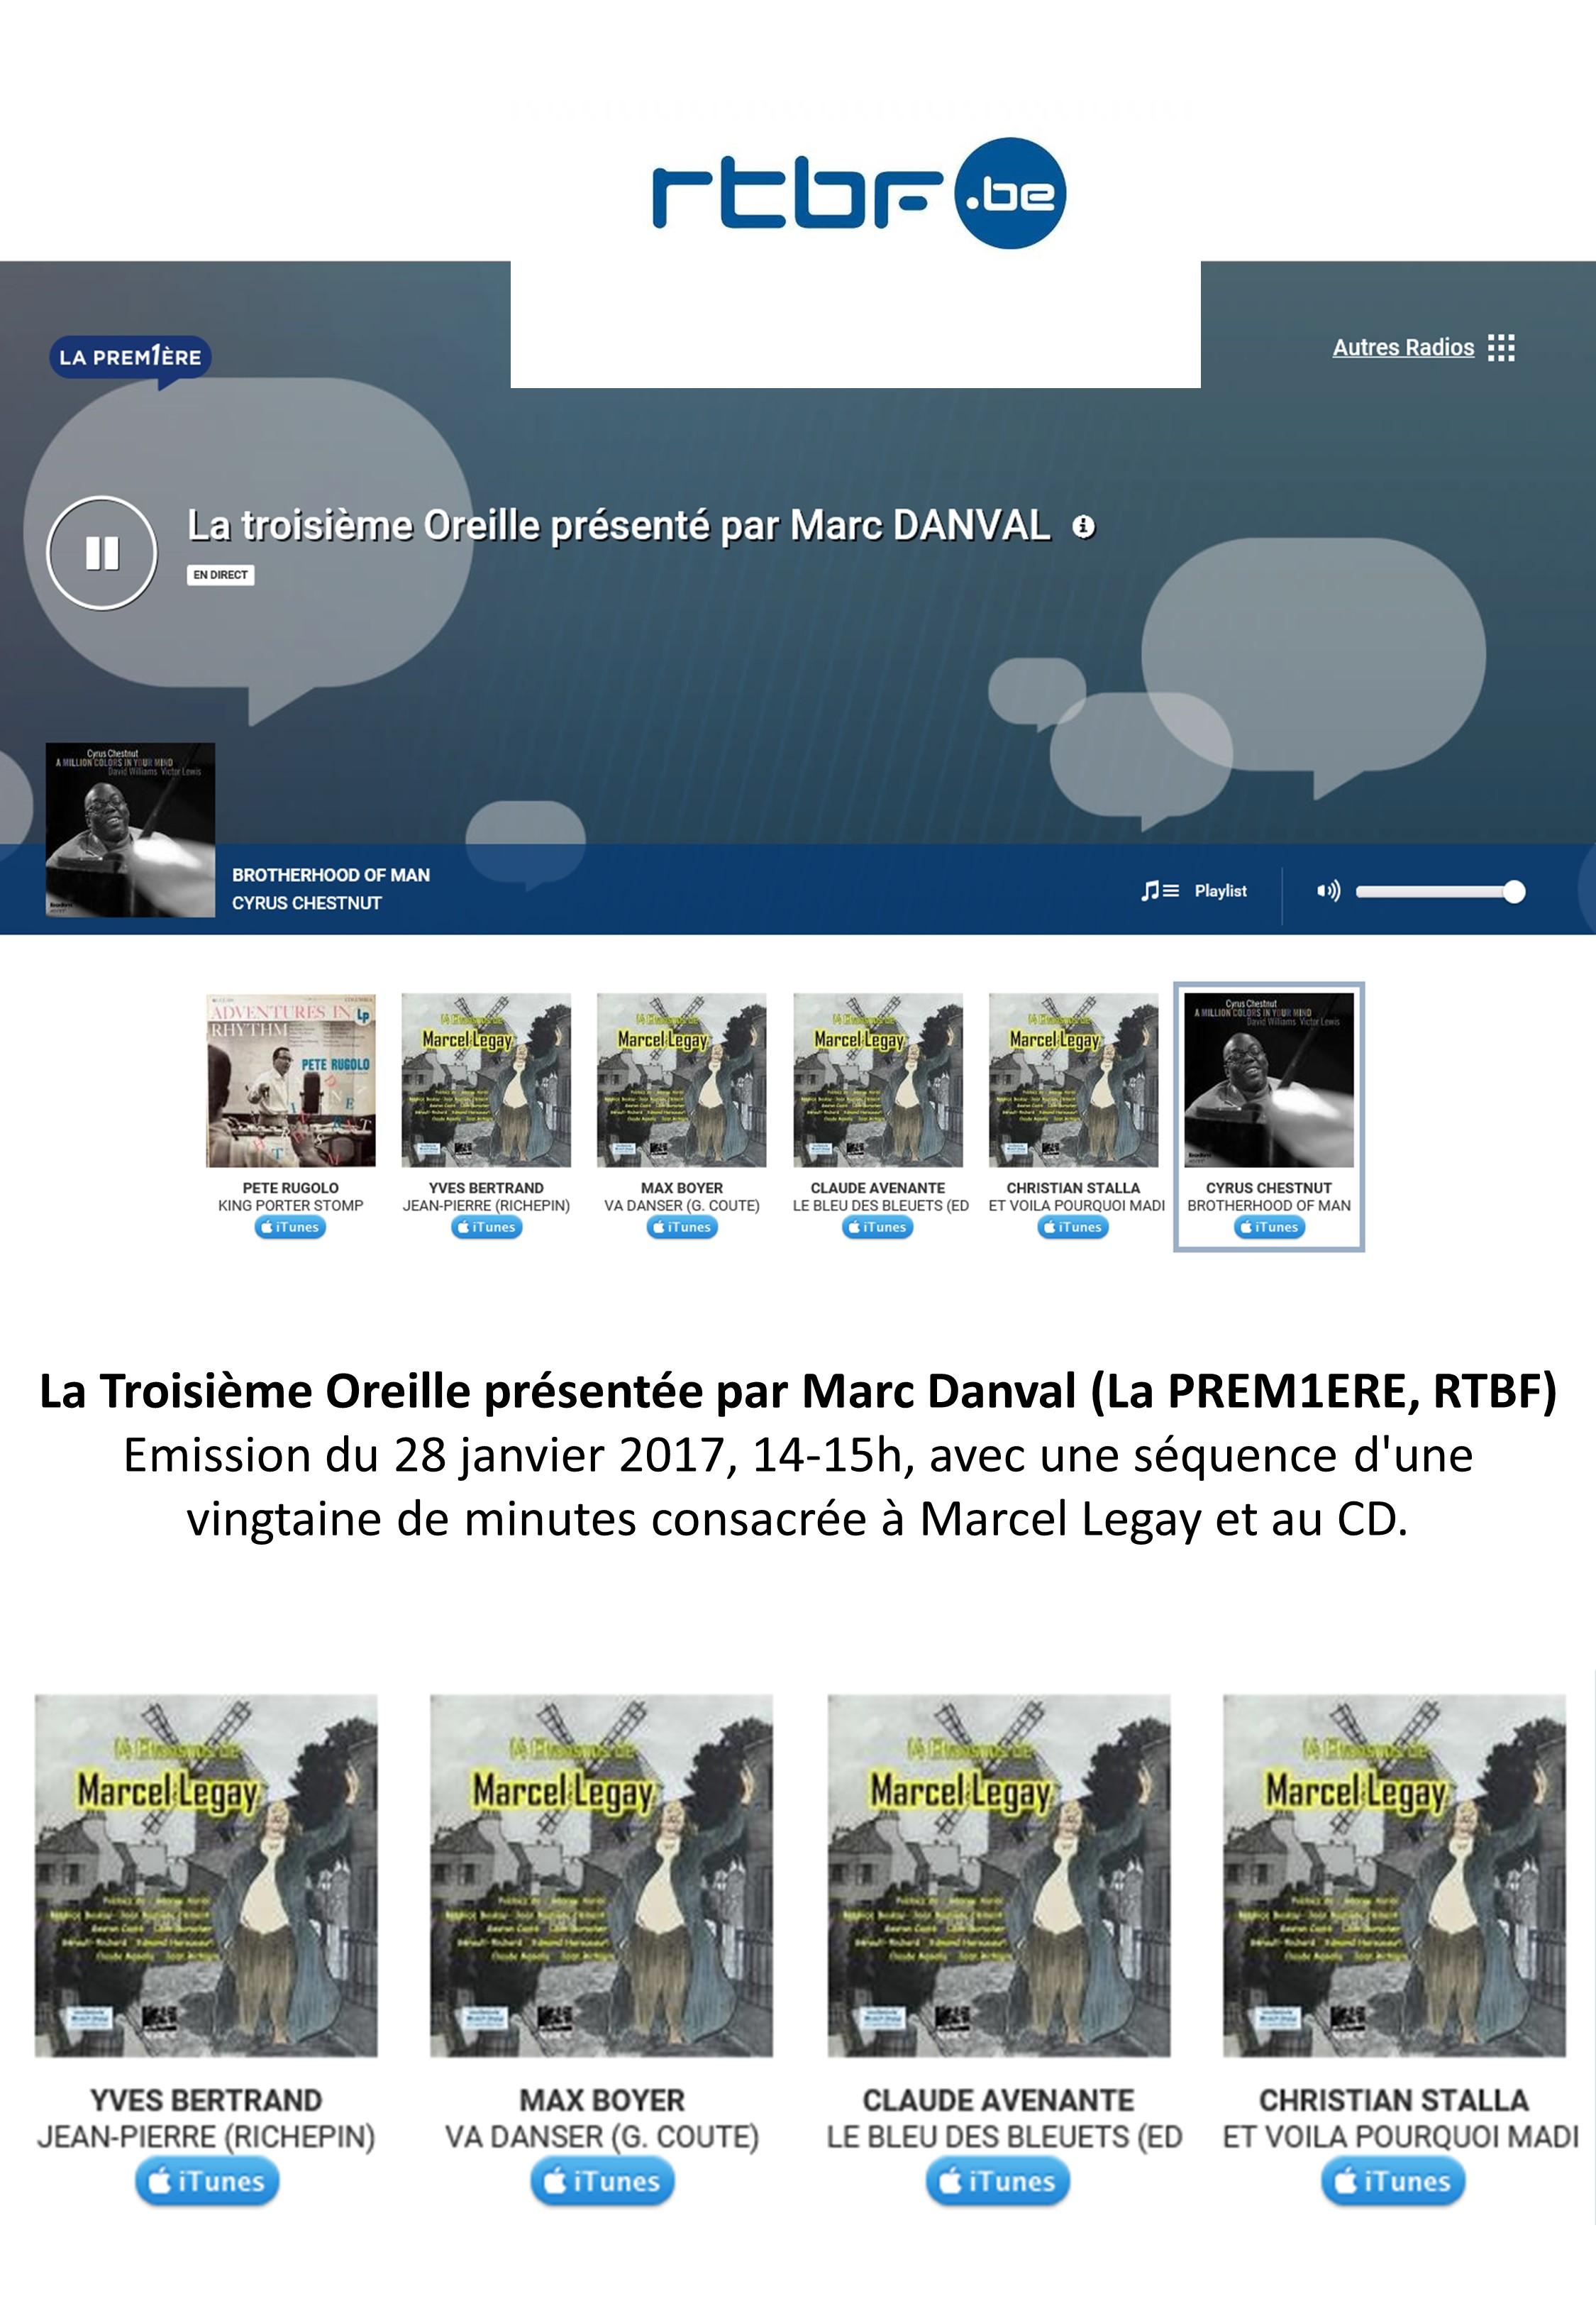 2017-01-28_Annonce Web_Emission Radio_RTBF_La Troisième Oreille_Marc Danvall